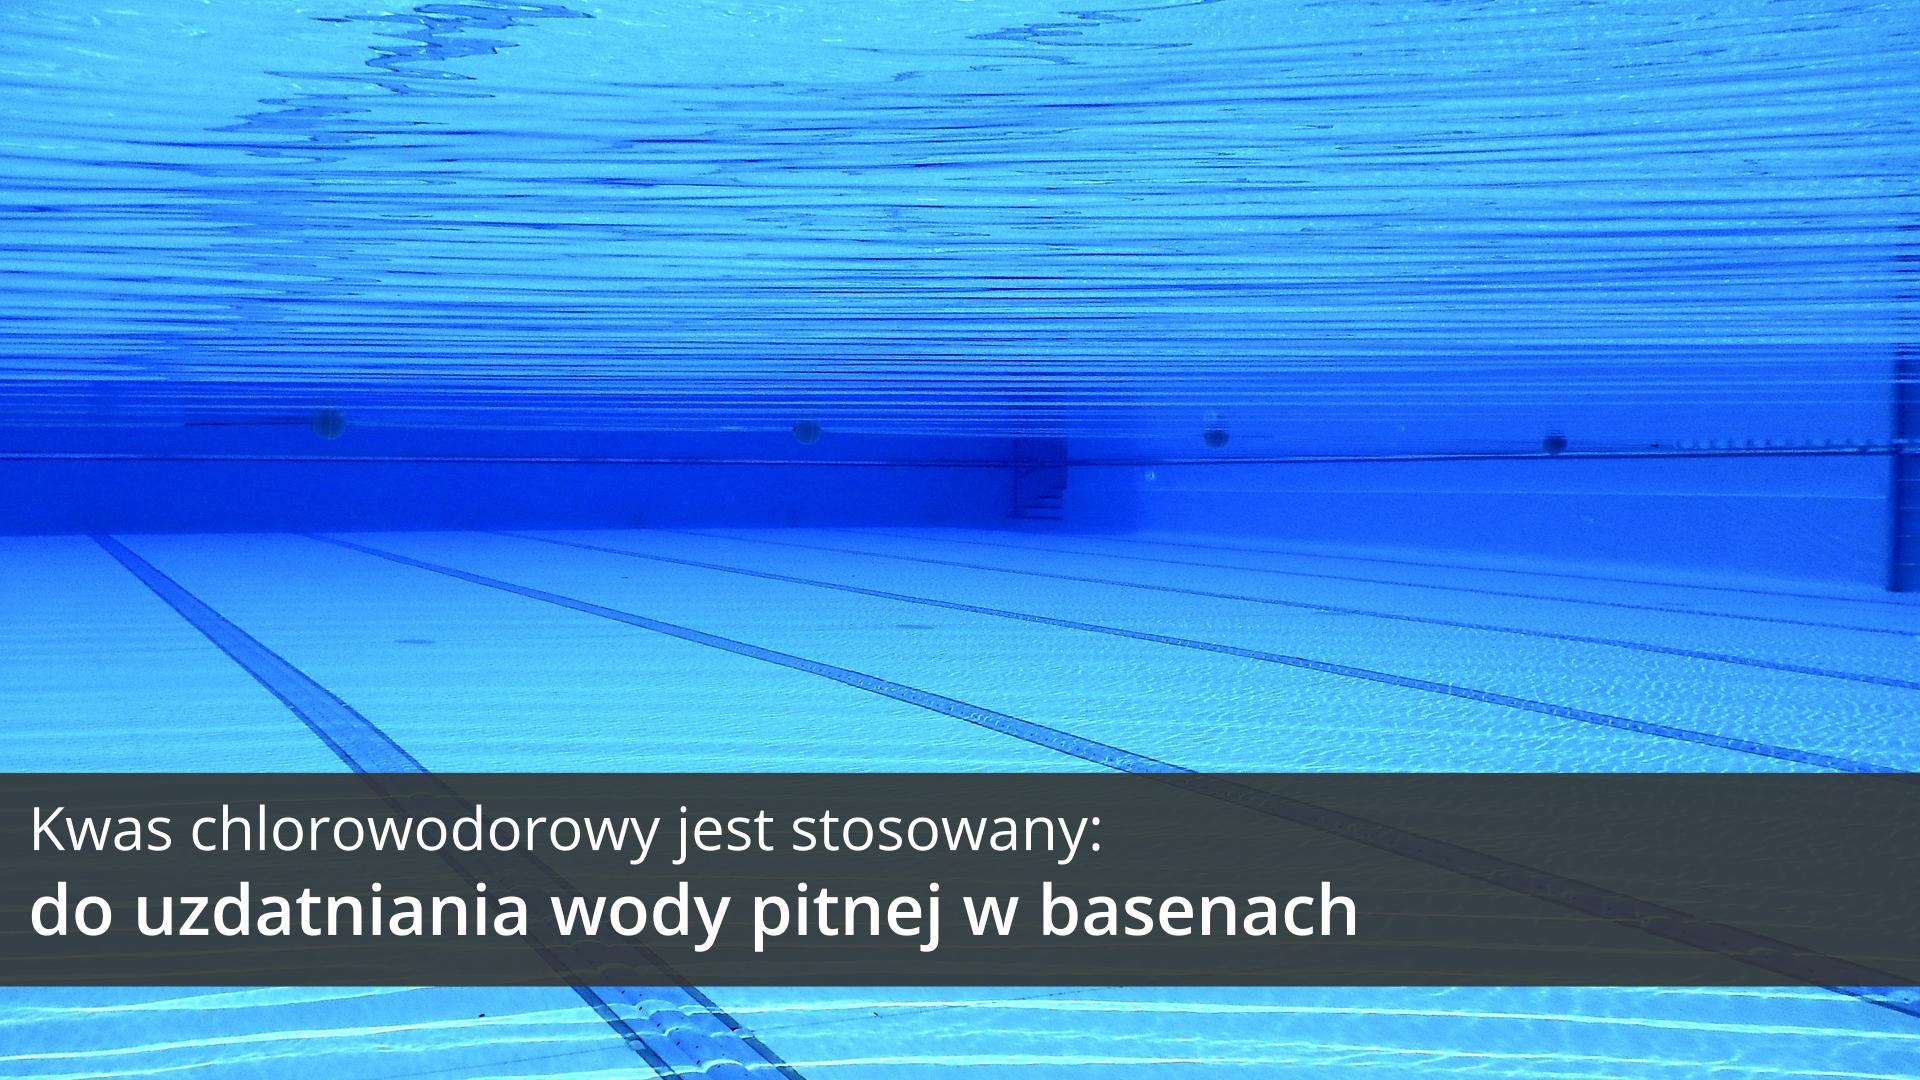 Ósma ilustracja galerii przedstawia zdjęcie pustego basenu pływackiego sfotografowanego spod wody. Ukośnie do osi widzenia aparatu biegną po dnie linie ułożone zniebieskich kafelków wyznaczające tory pływackie. Na tle obrazka wdolnej części ilustracji znajduje się ciemnoszary pasek, na którym umieszczono jasny napis: Kwas chlorowodorowy jest stosowany do uzdatniania wody pitnej wbasenach.